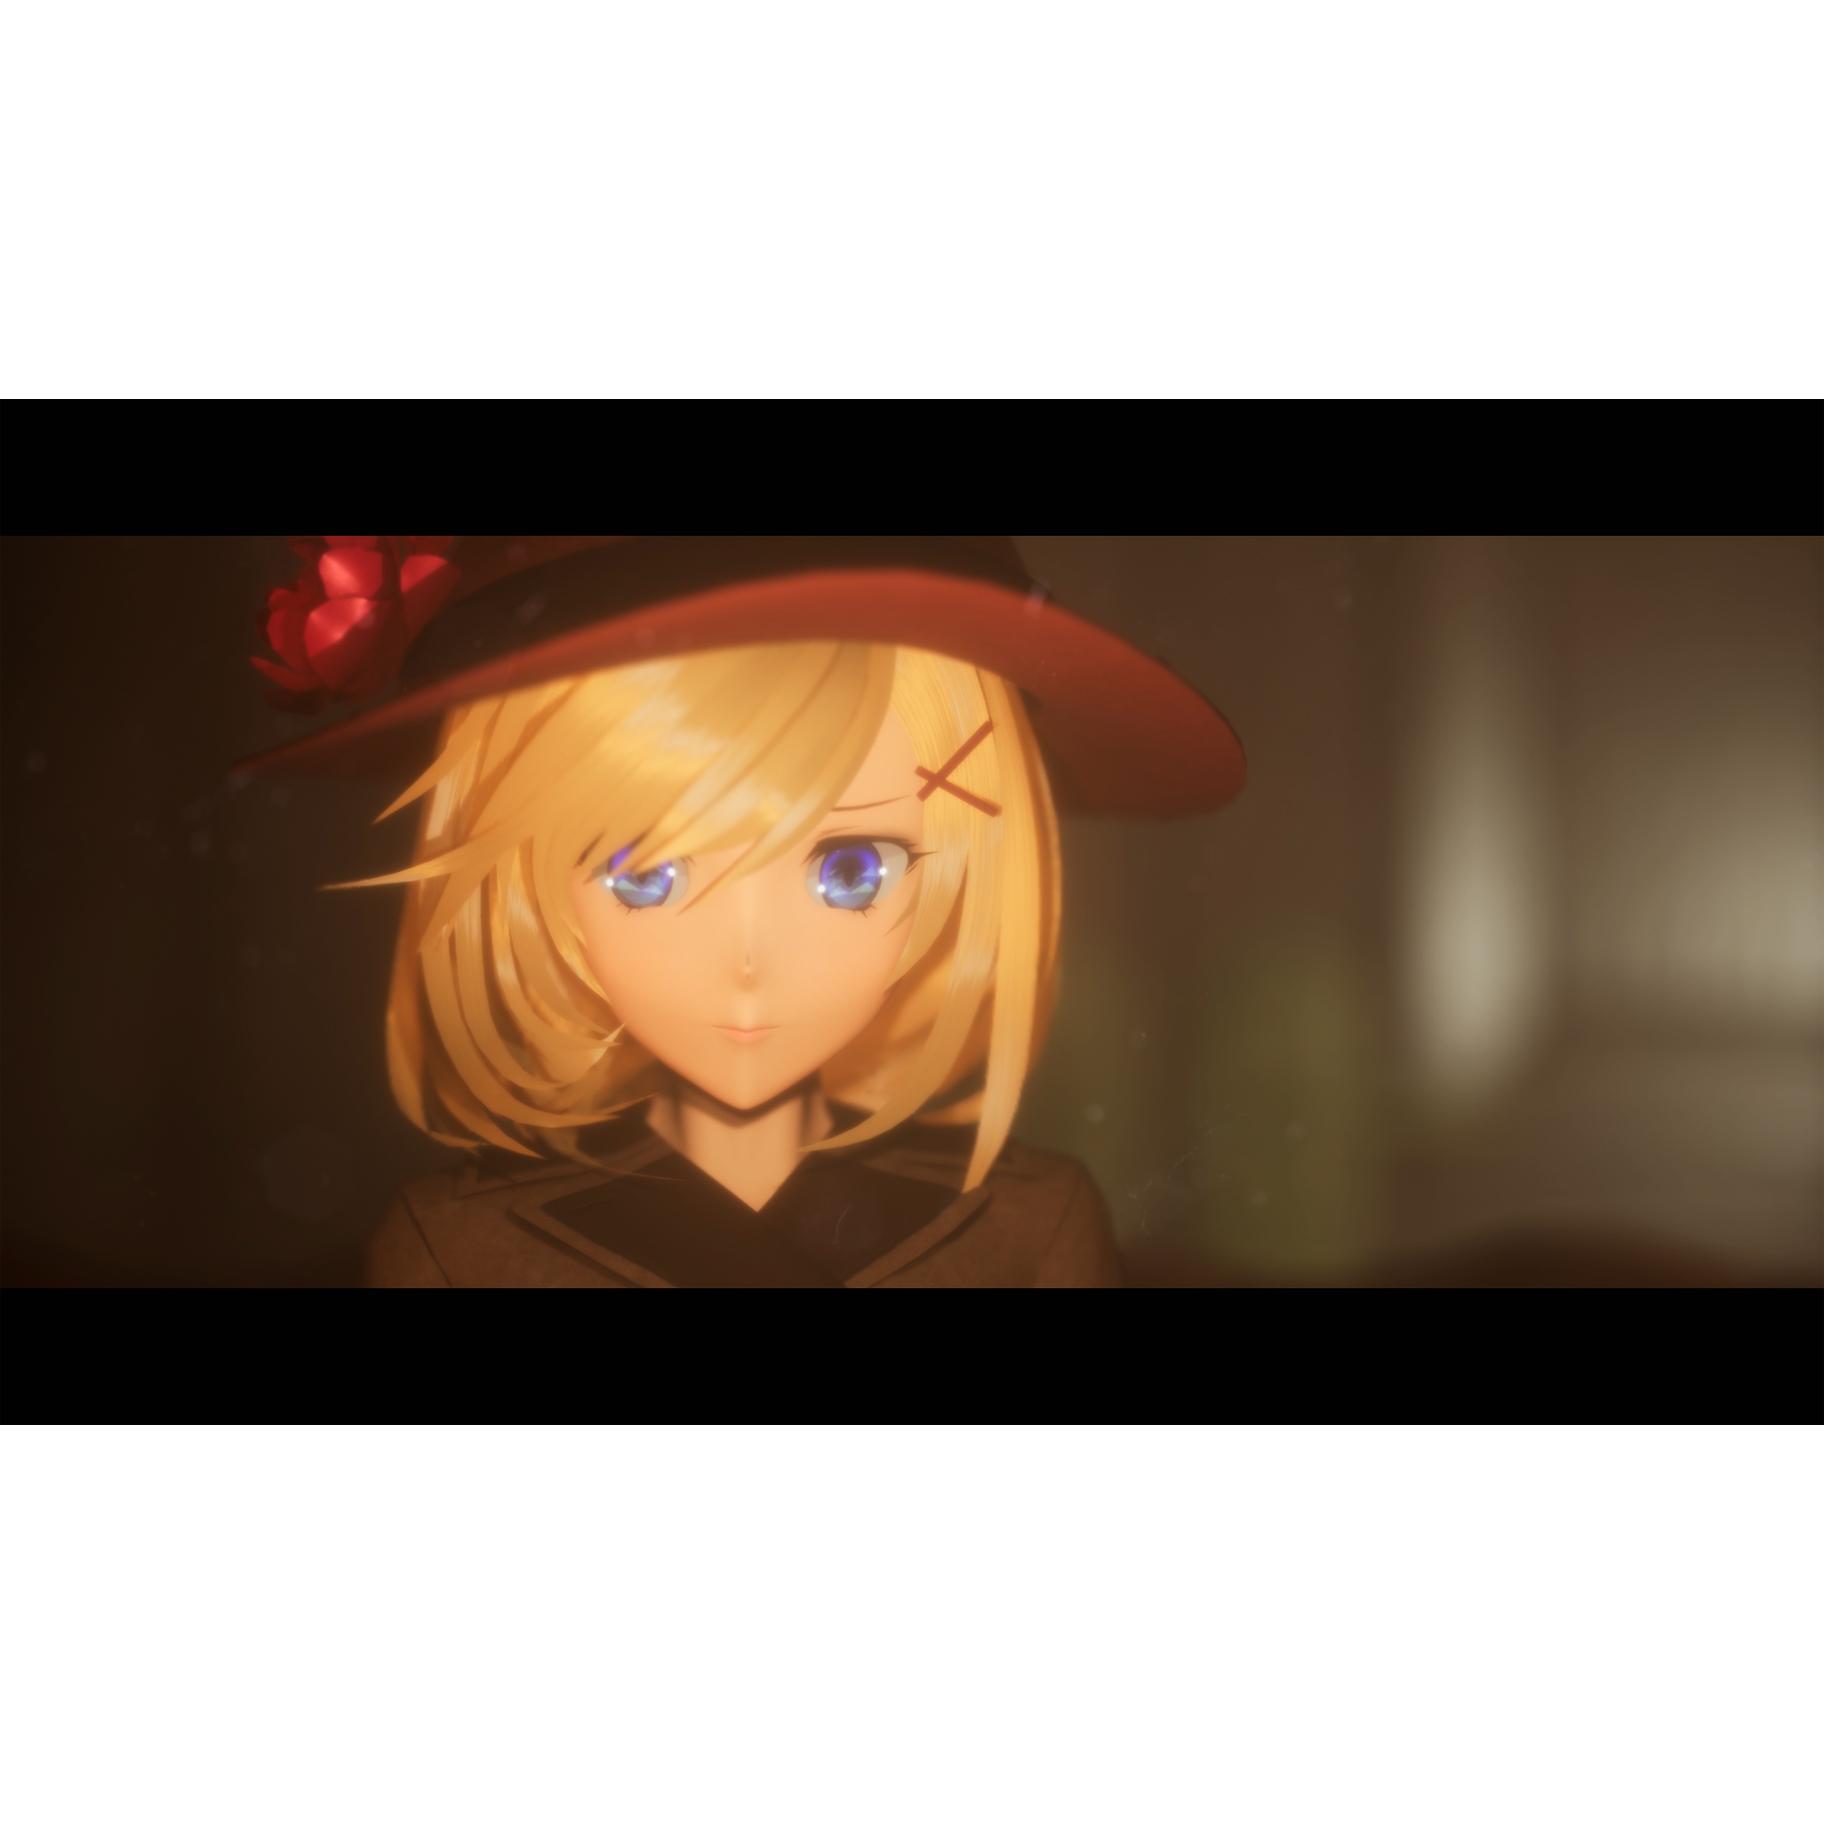 有翼のフロイライン 限定版 【Switchゲームソフト】_3